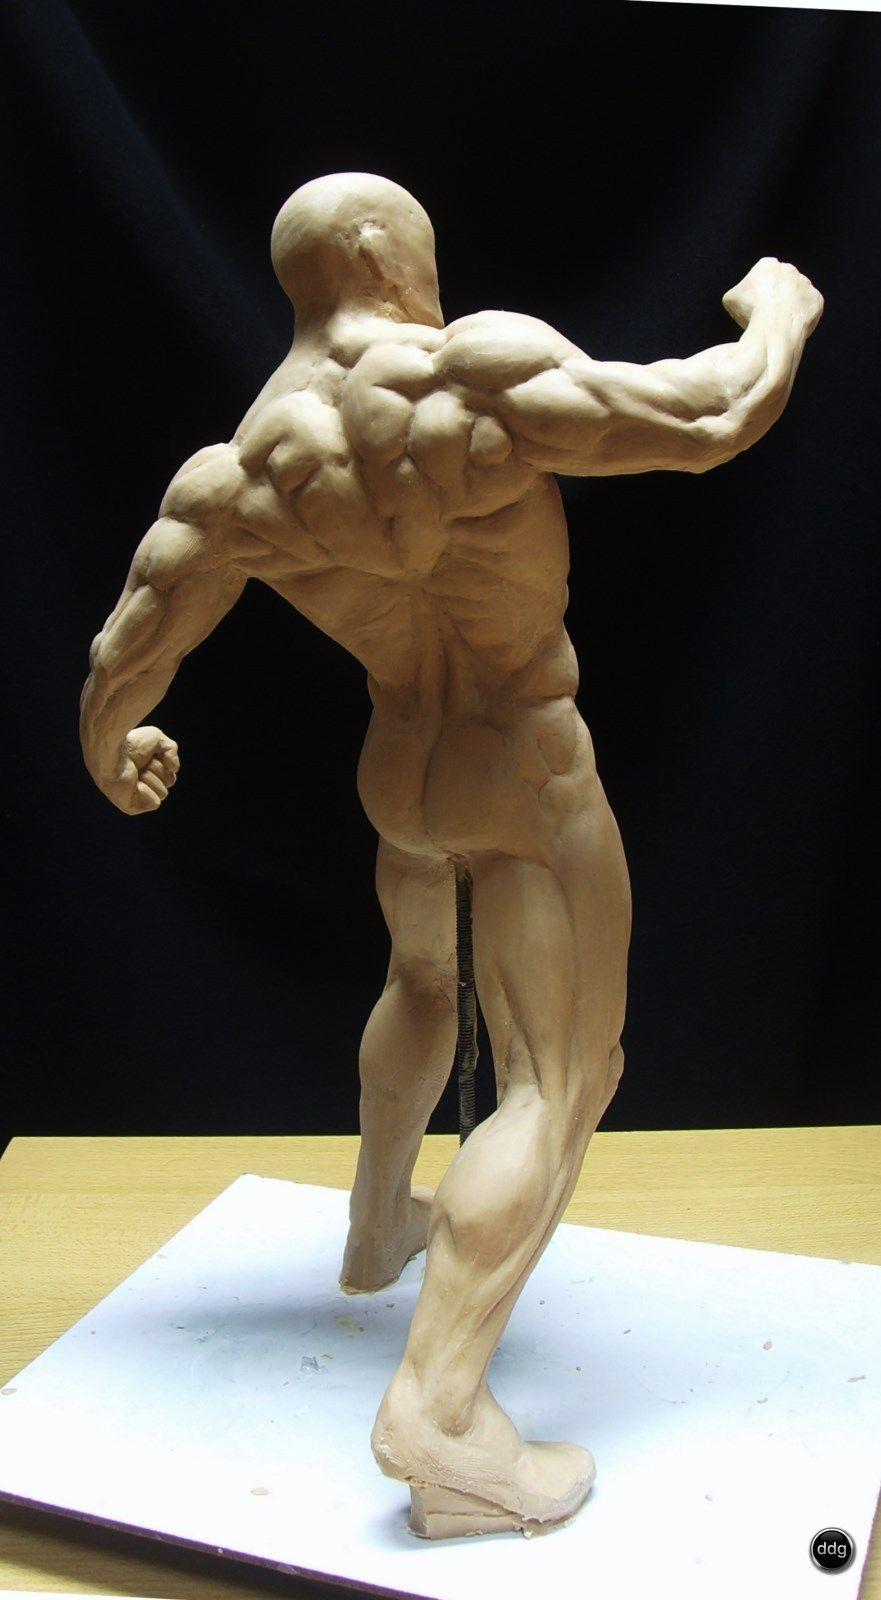 Figura de estudio anatómico | Figuras de, Estudios y Anatomía